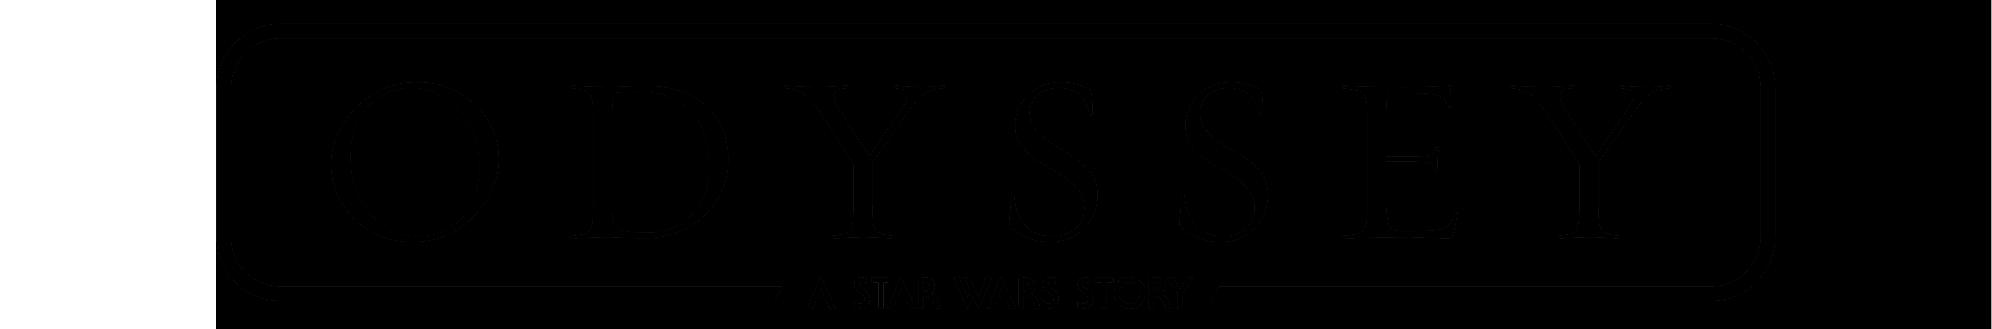 Odyssey Logo_Trasnparent copy.png